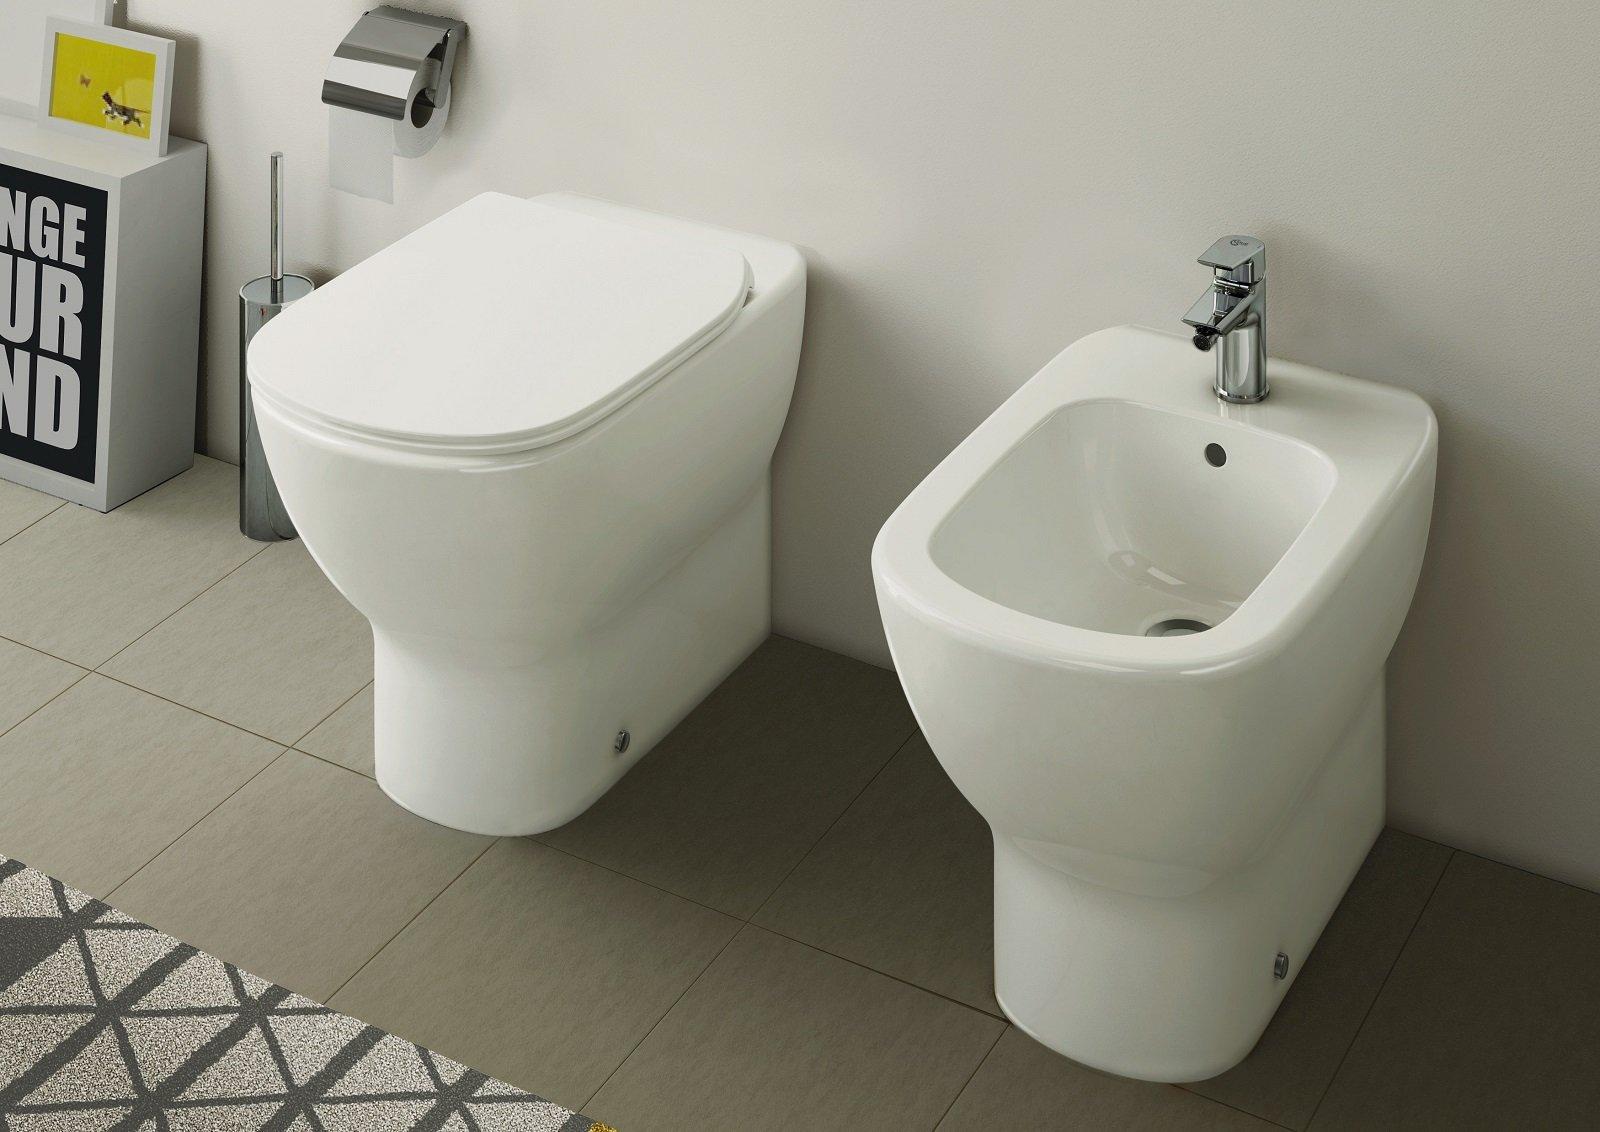 Vasca Da Bagno Pozzi Ginori Prezzo : Rinnovare il bagno con modelli a prezzi convenienti